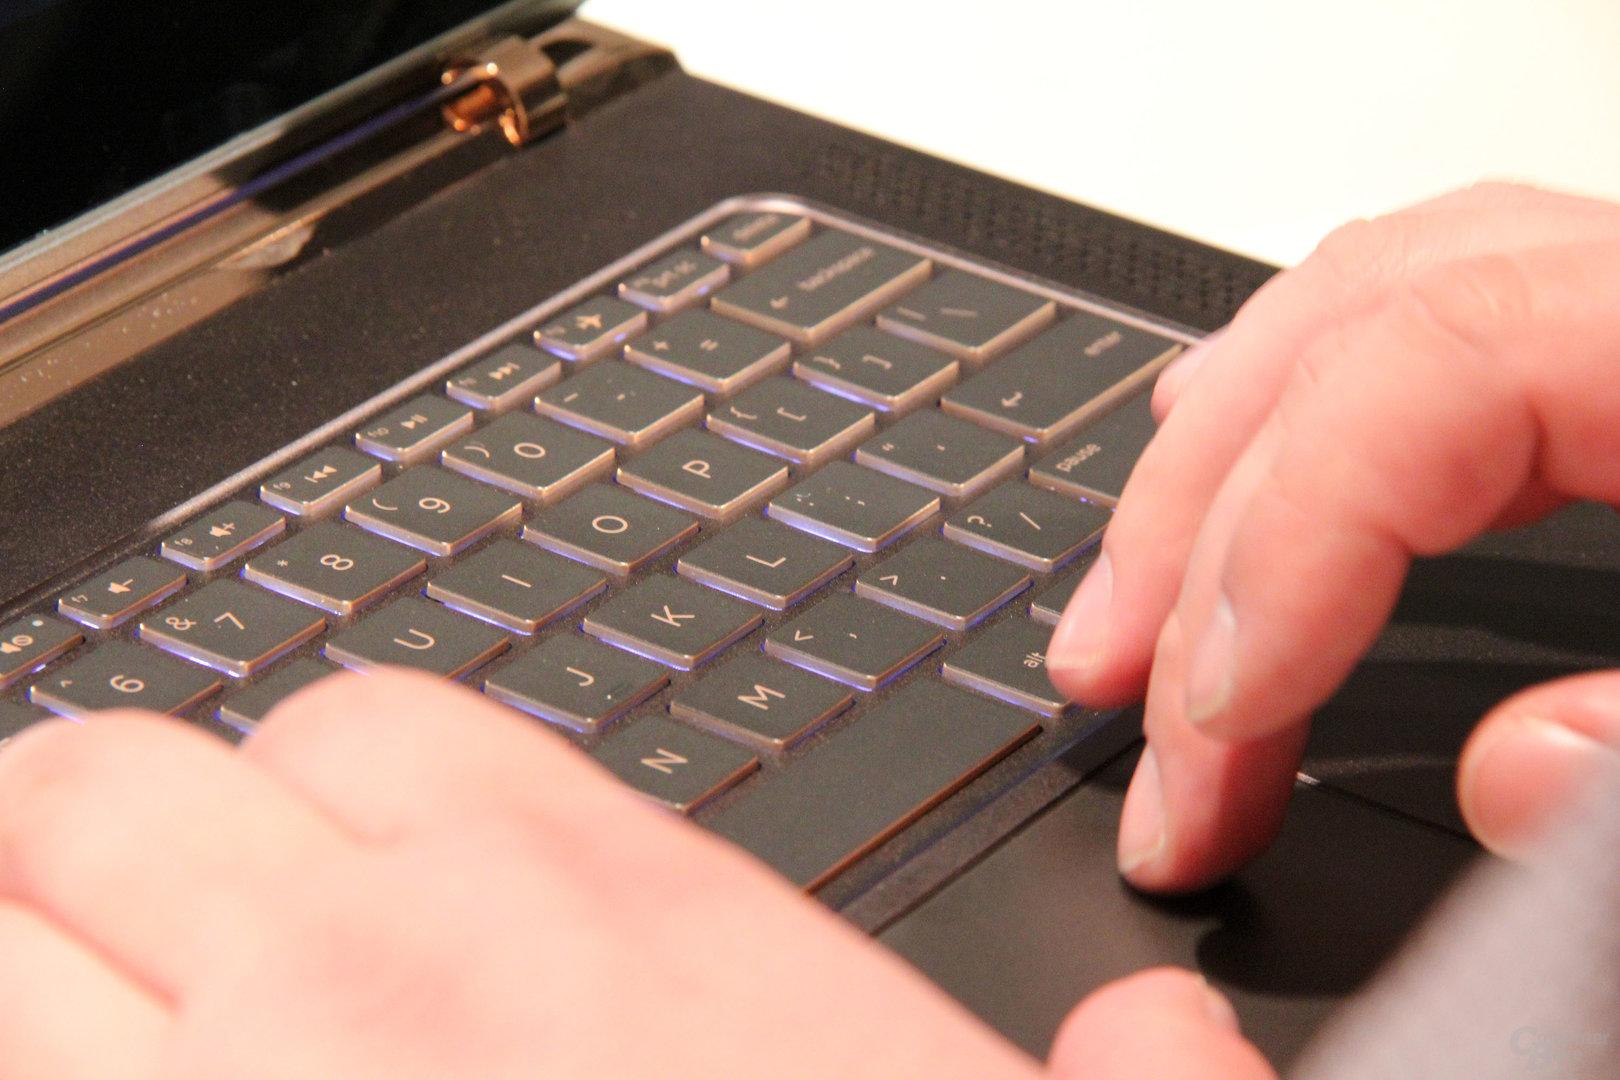 Präzises Touchpad mit Milchglas-Oberfläche